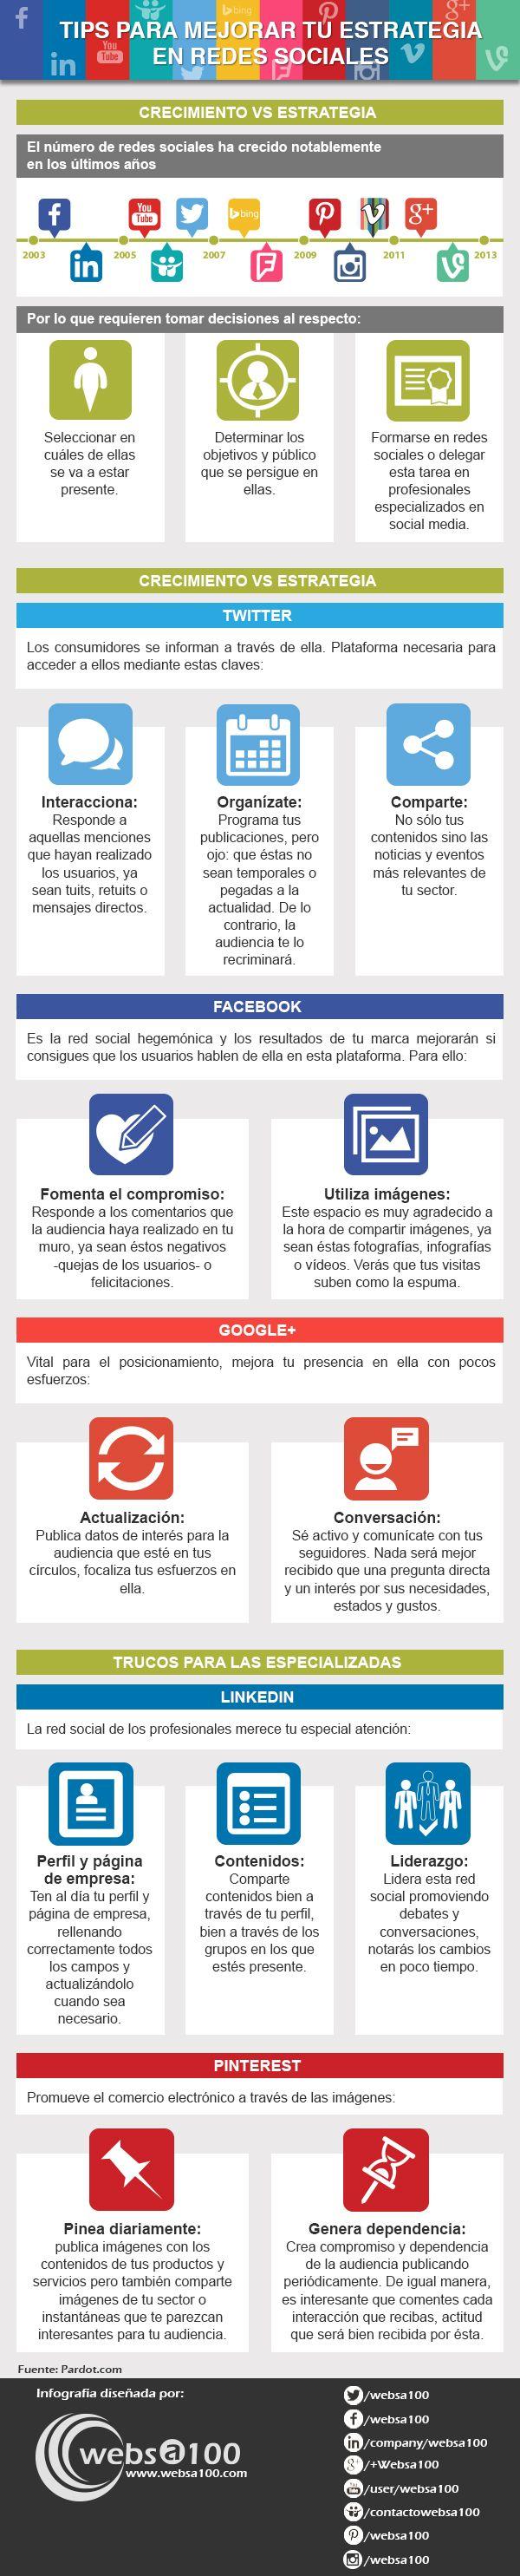 Tips para mejorar tu estrategia en las principales redes sociales